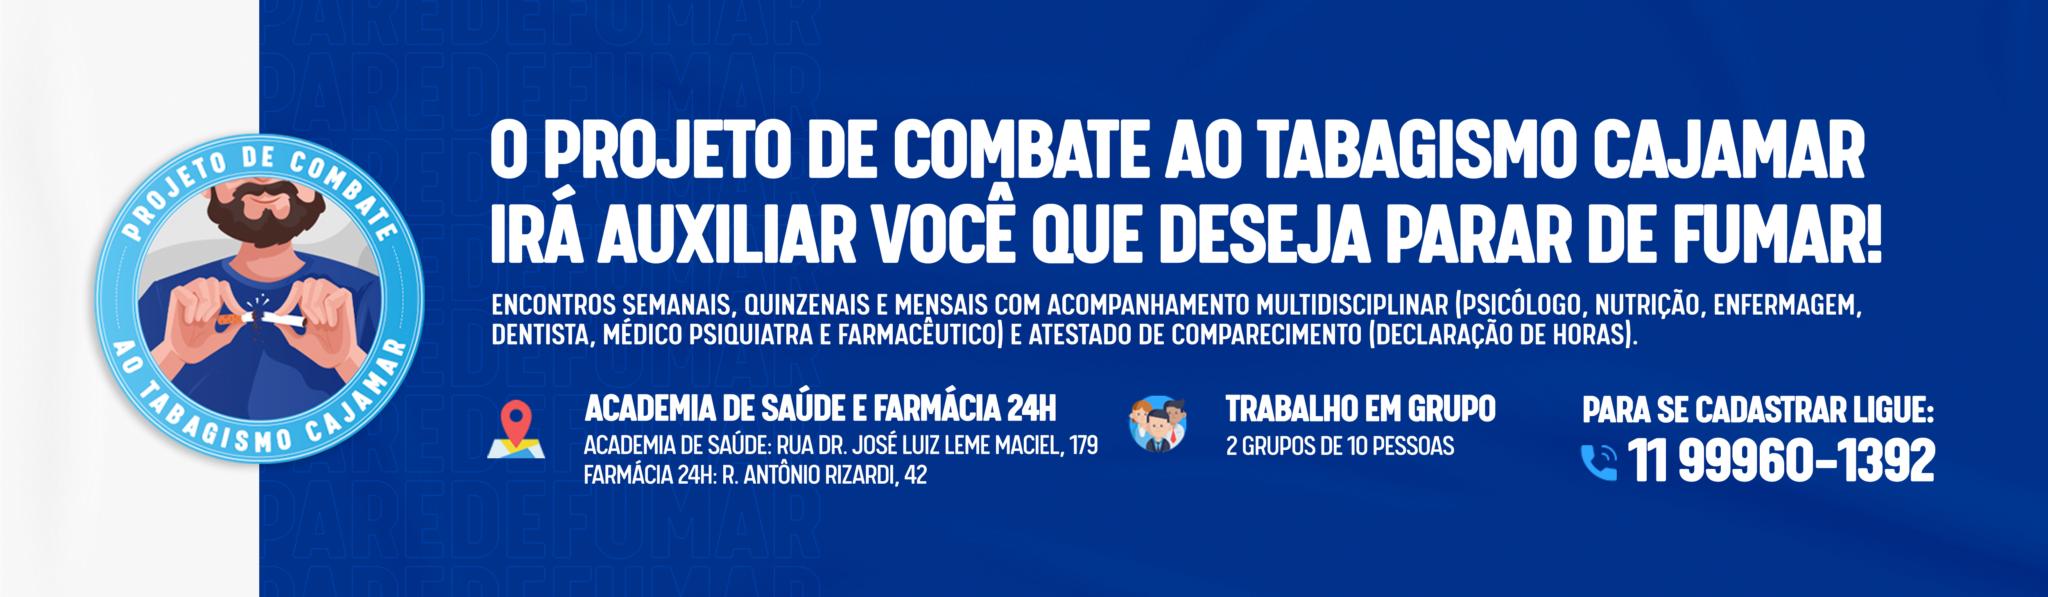 PROJETO DE COMBATE AO TABAGISMO CAJAMAR